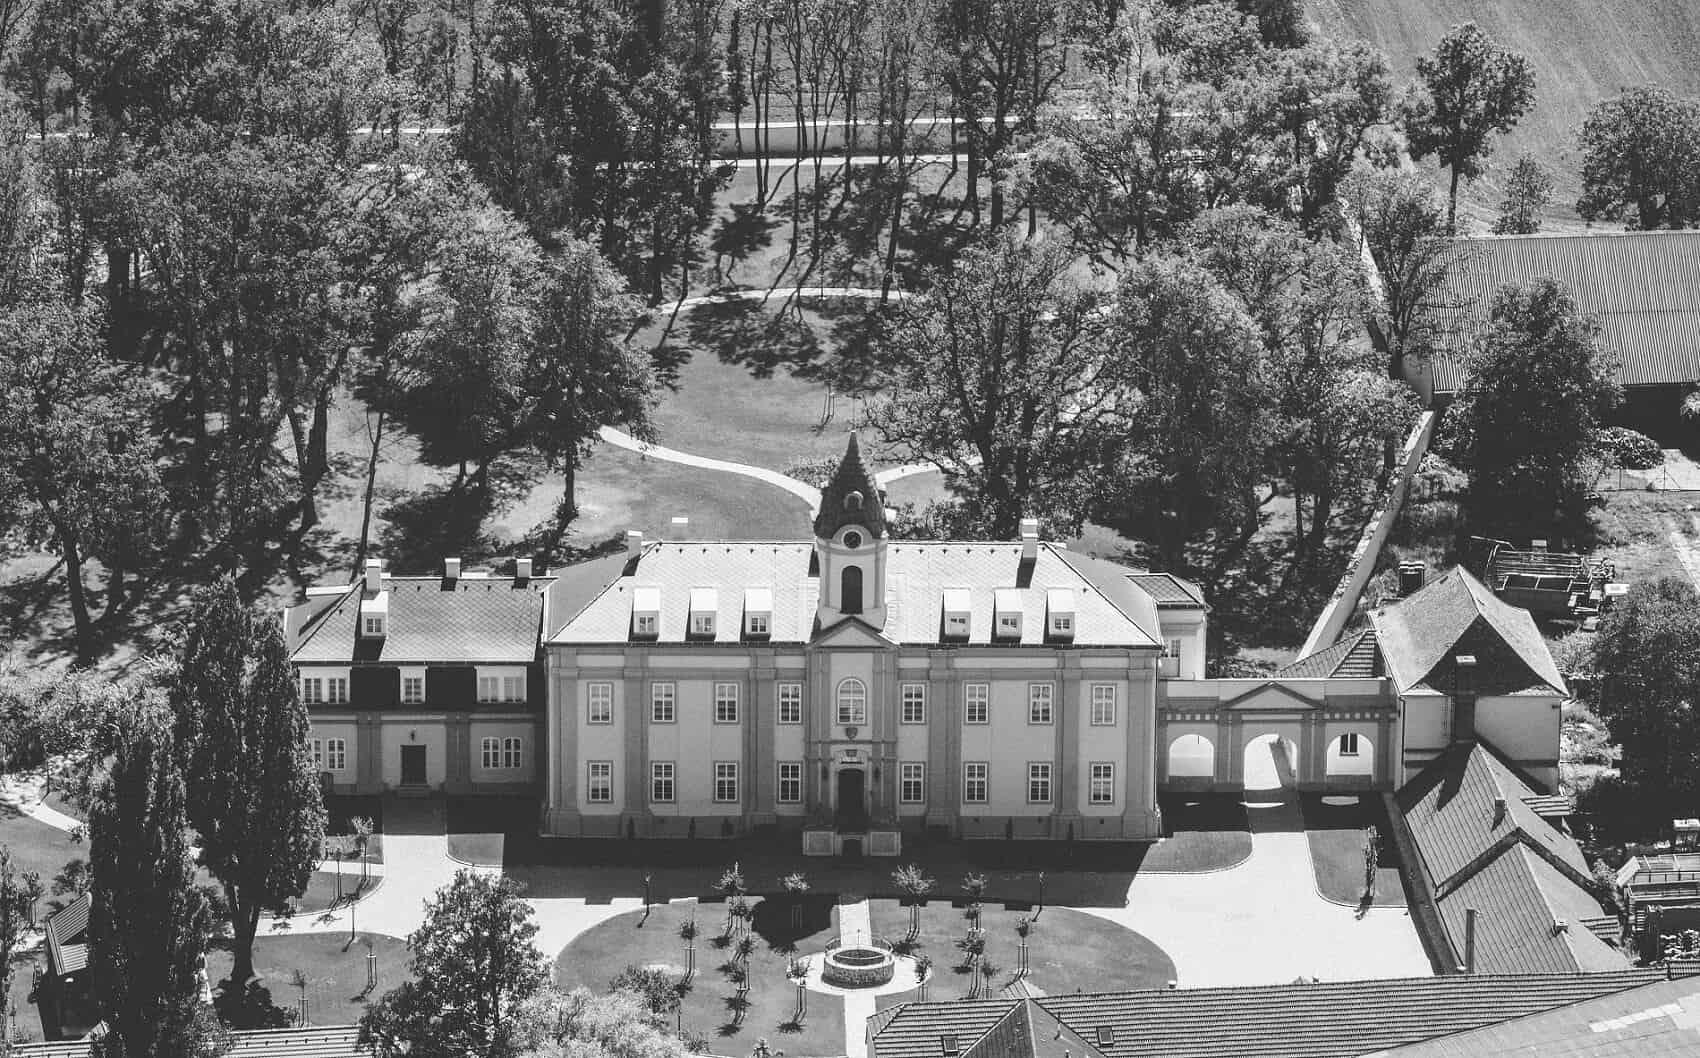 Zámecký Hotel Panství Dlouhá Lhota - černobílá